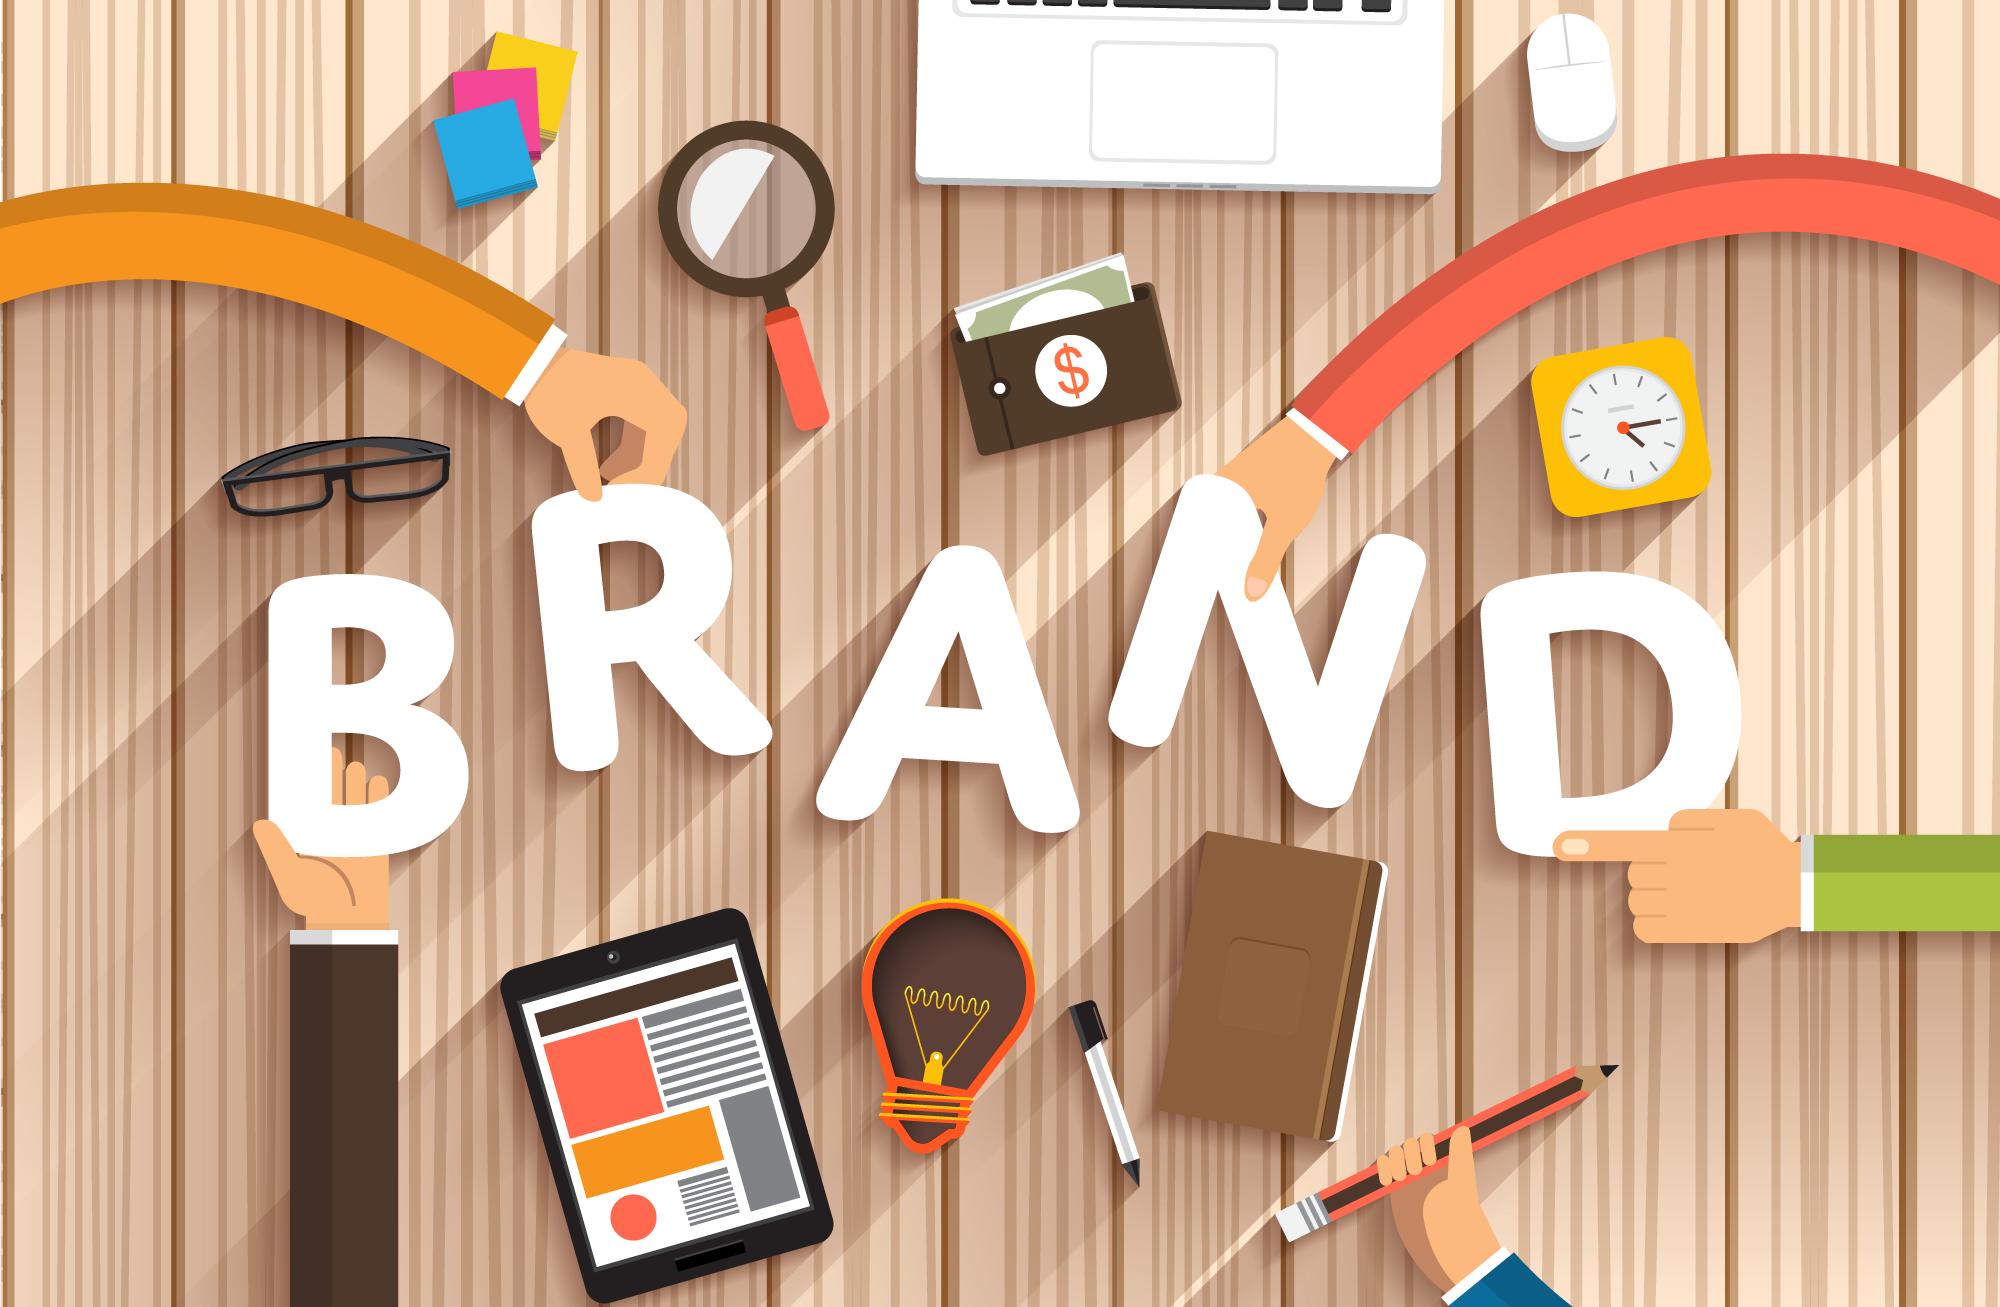 ¿Cómo crear tu marca personal? Pon en práctica estos tips de branding